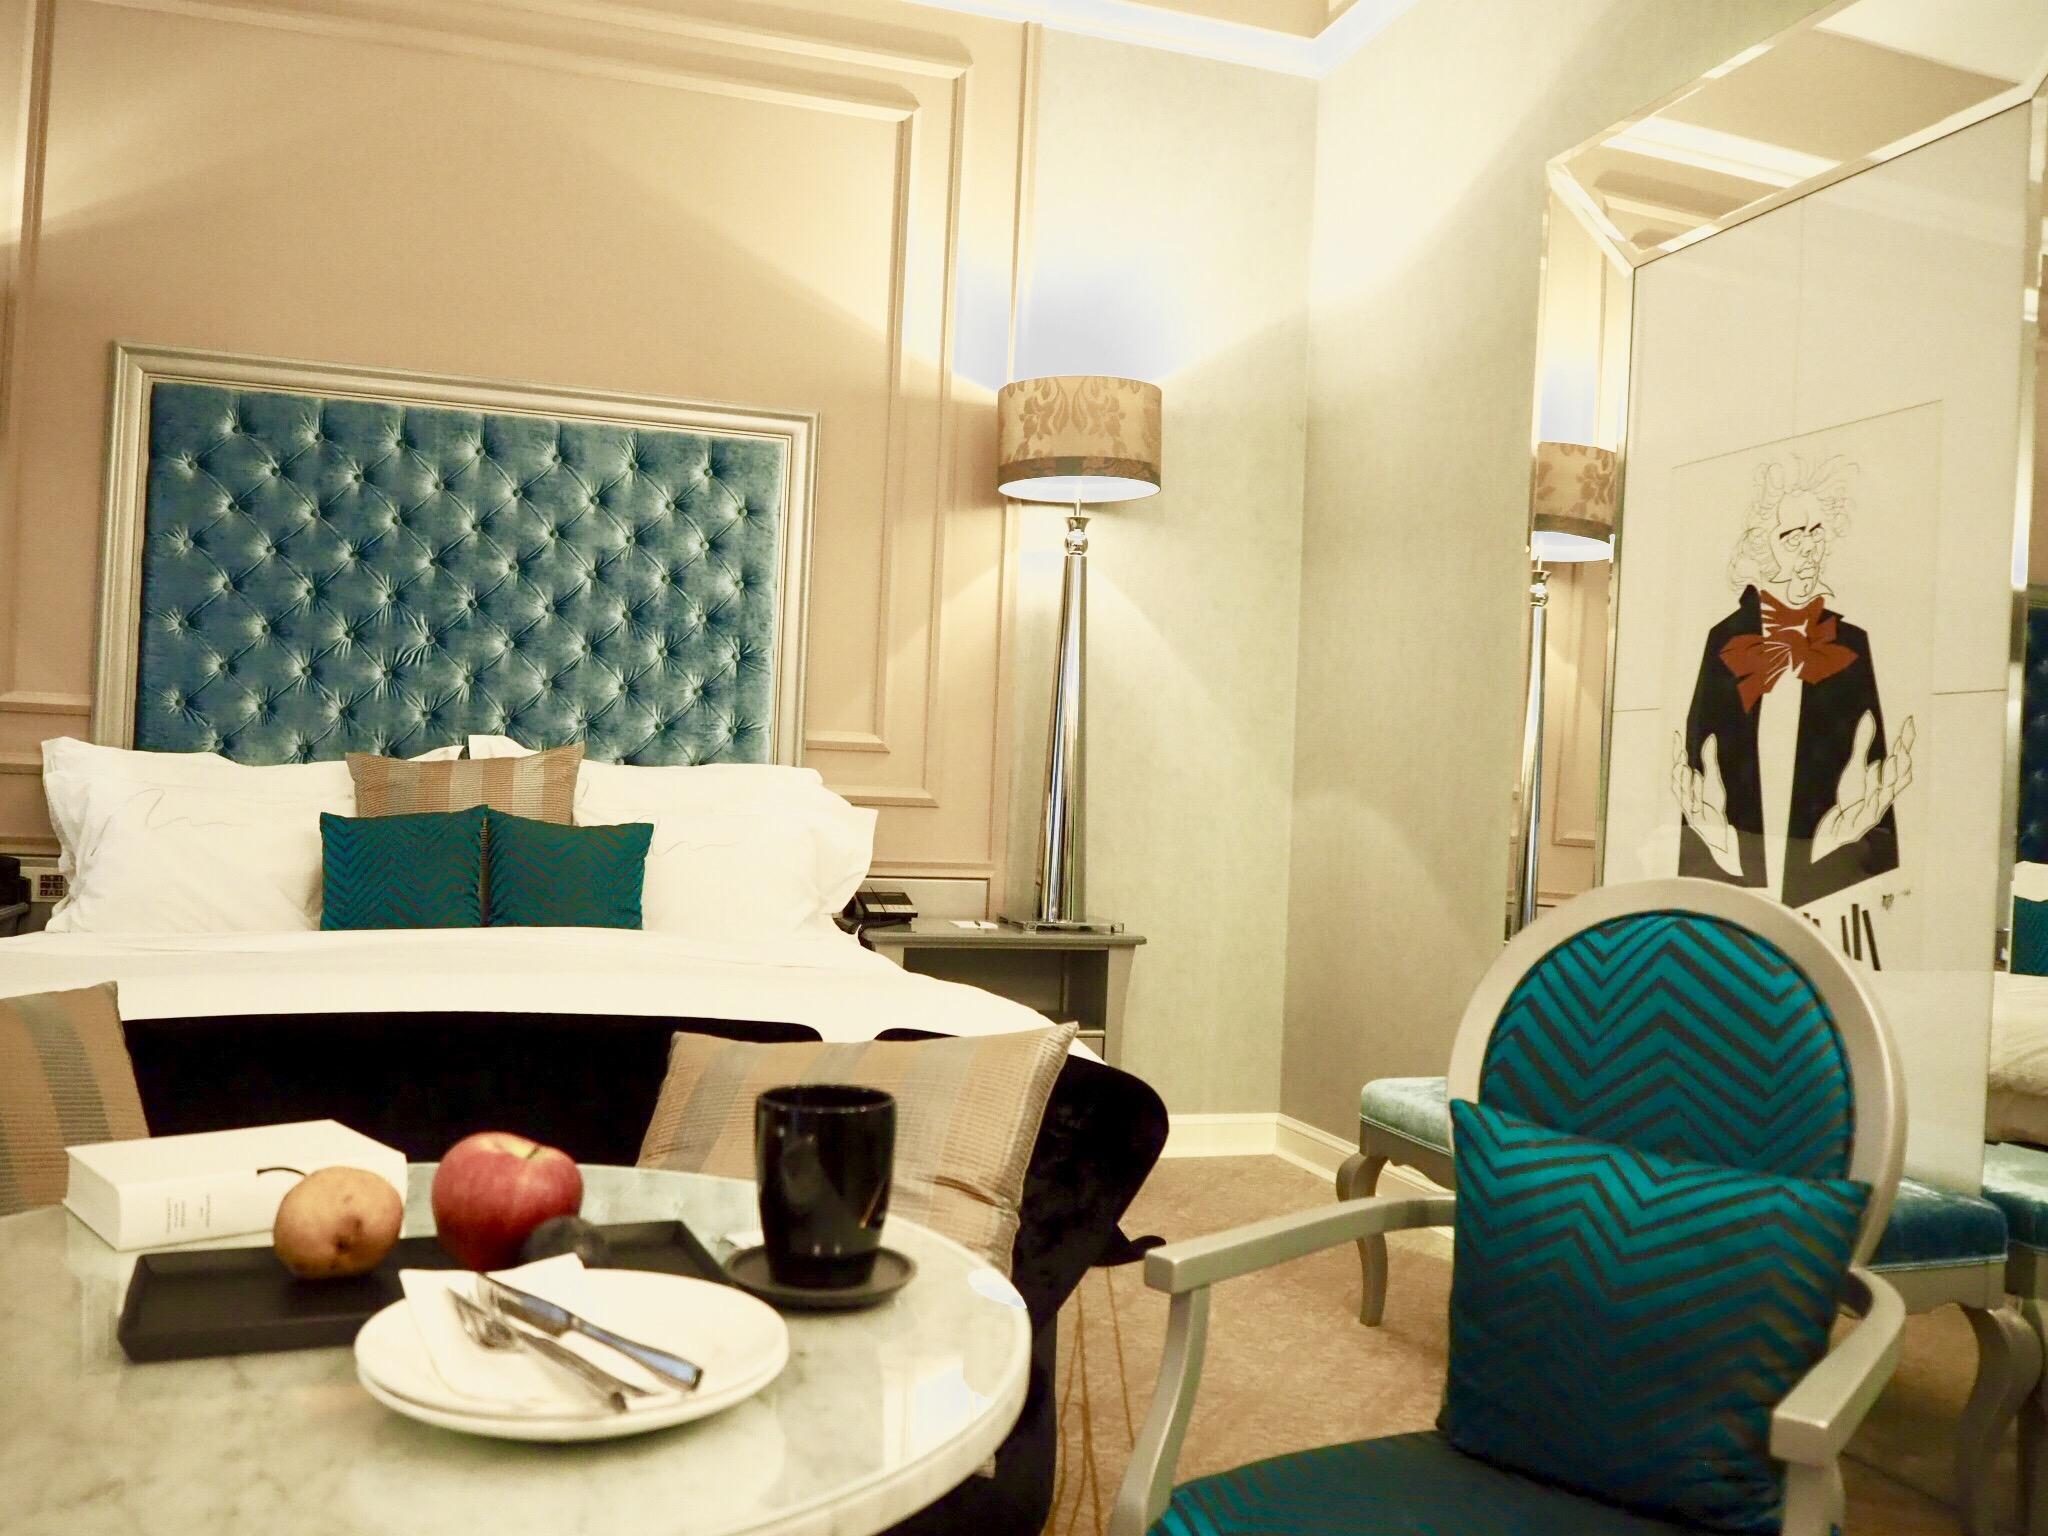 img 4470 2 - Aria Hotel Budapest - 音楽に囲まれて過ごすブダペストのラグジュアリーブティックホテルの魅力